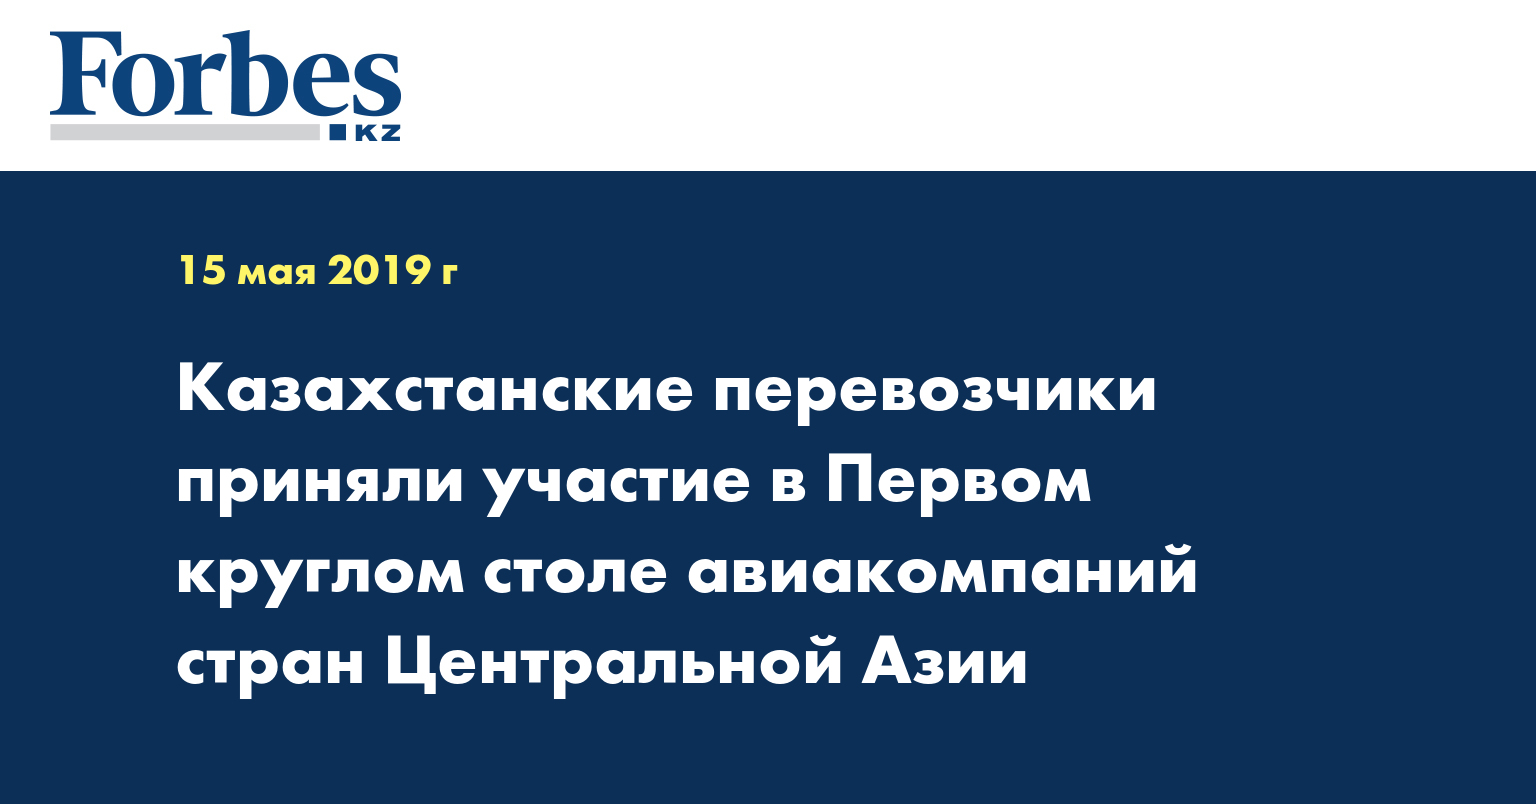 Казахстанские перевозчики приняли участие в Первом круглом столе авиакомпаний стран Центральной Азии